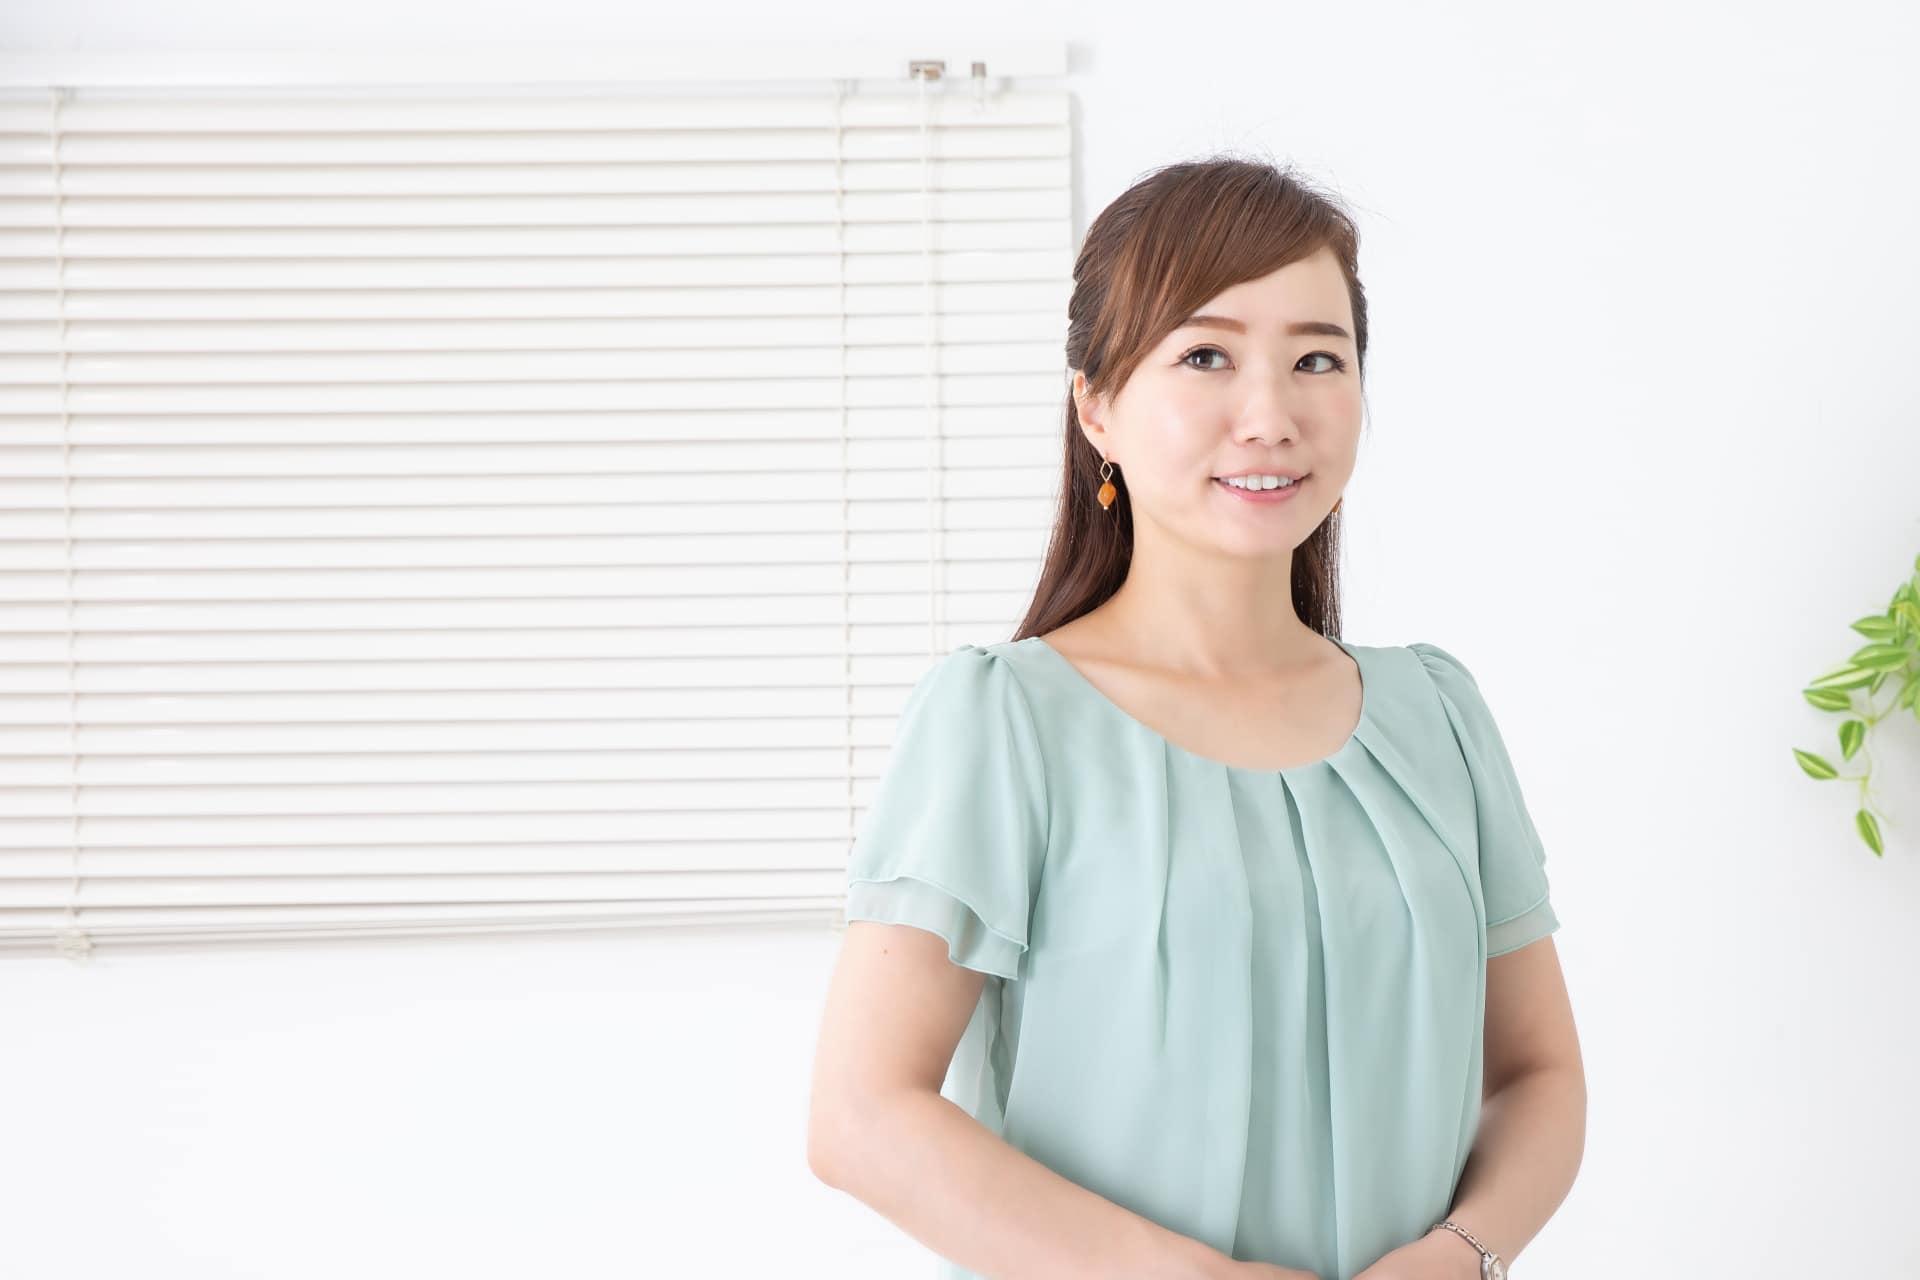 挨拶する女性